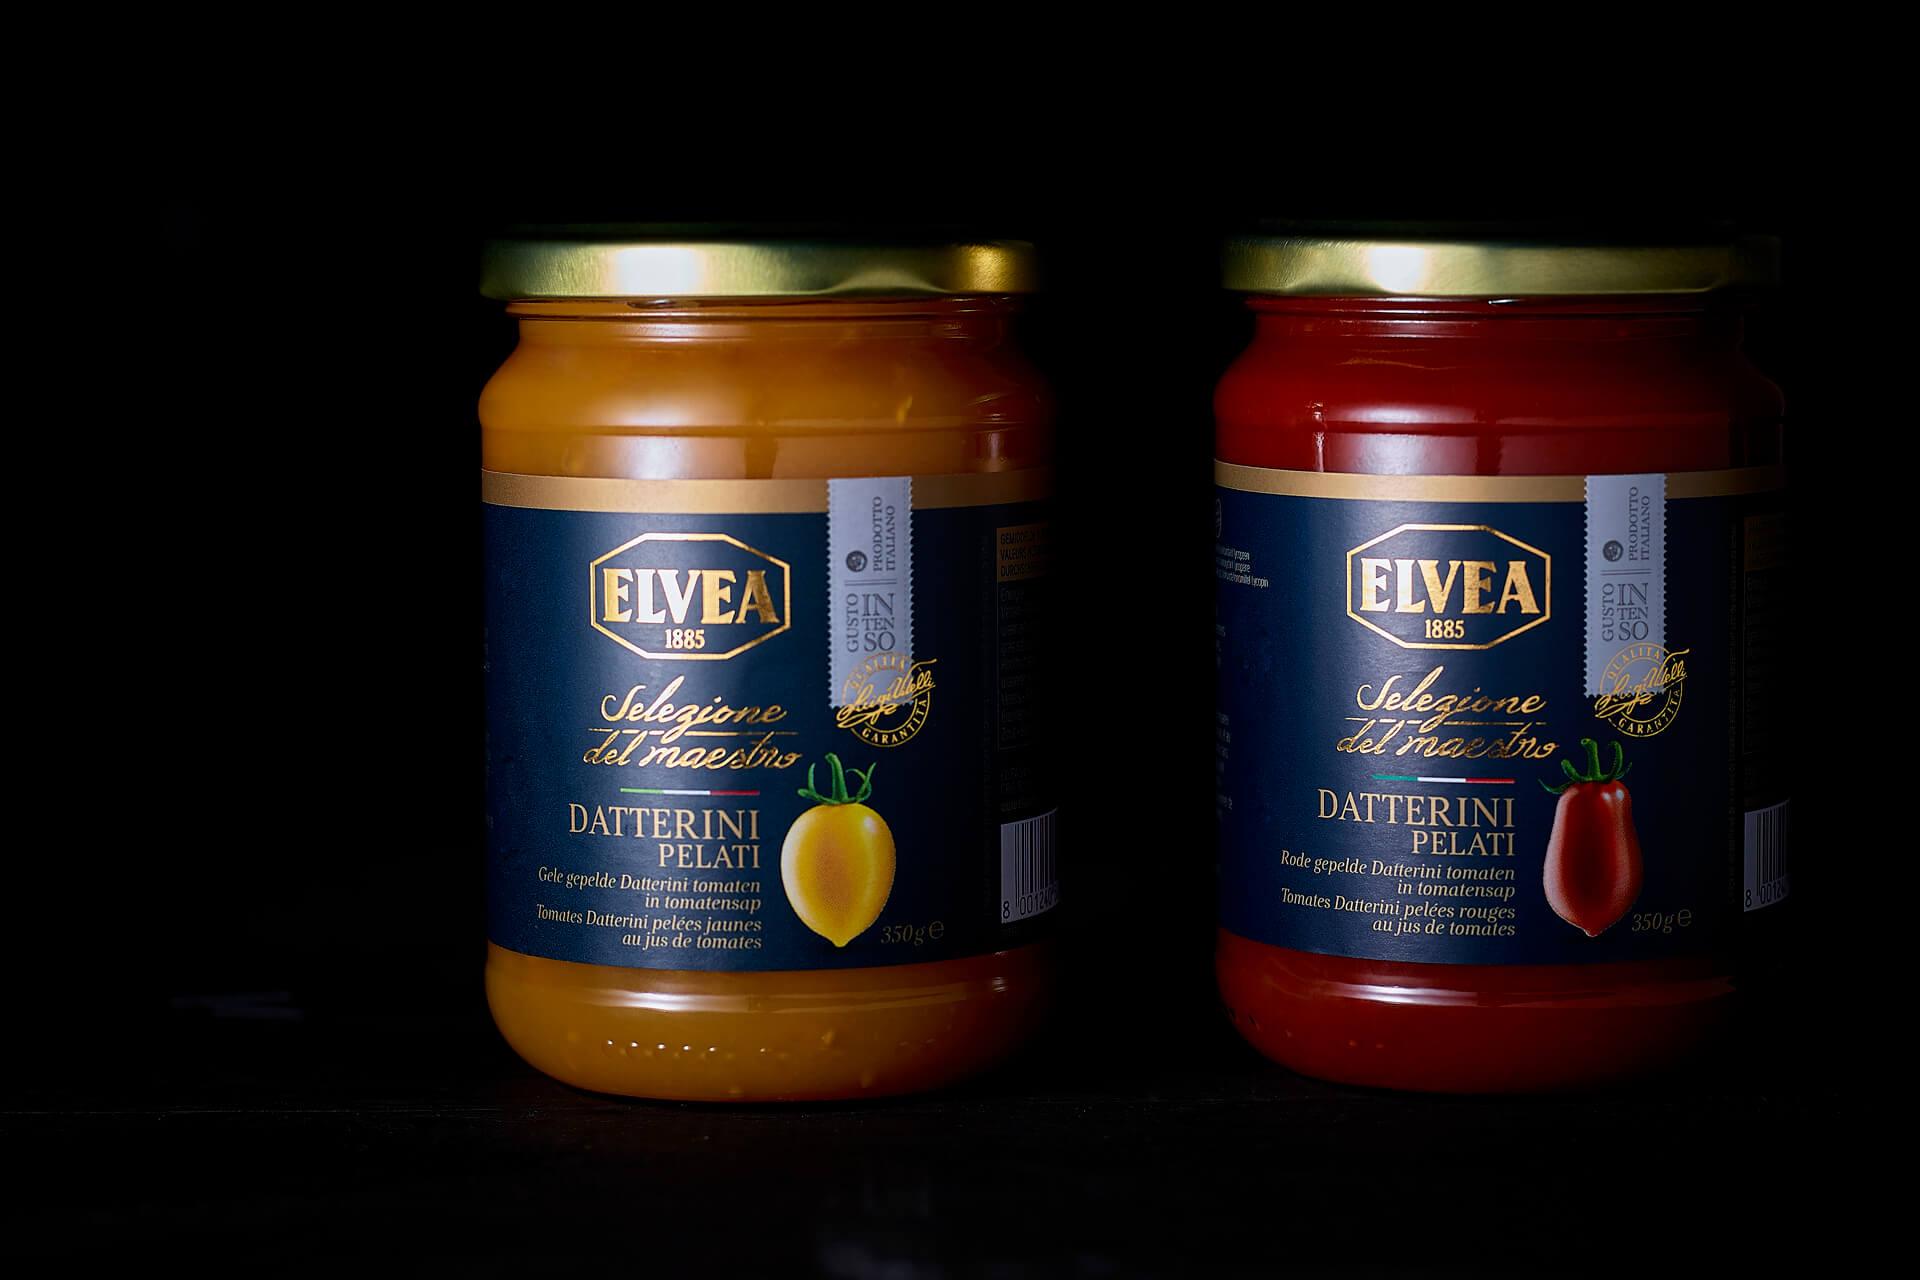 Top range for Elvea by DesignRepublic